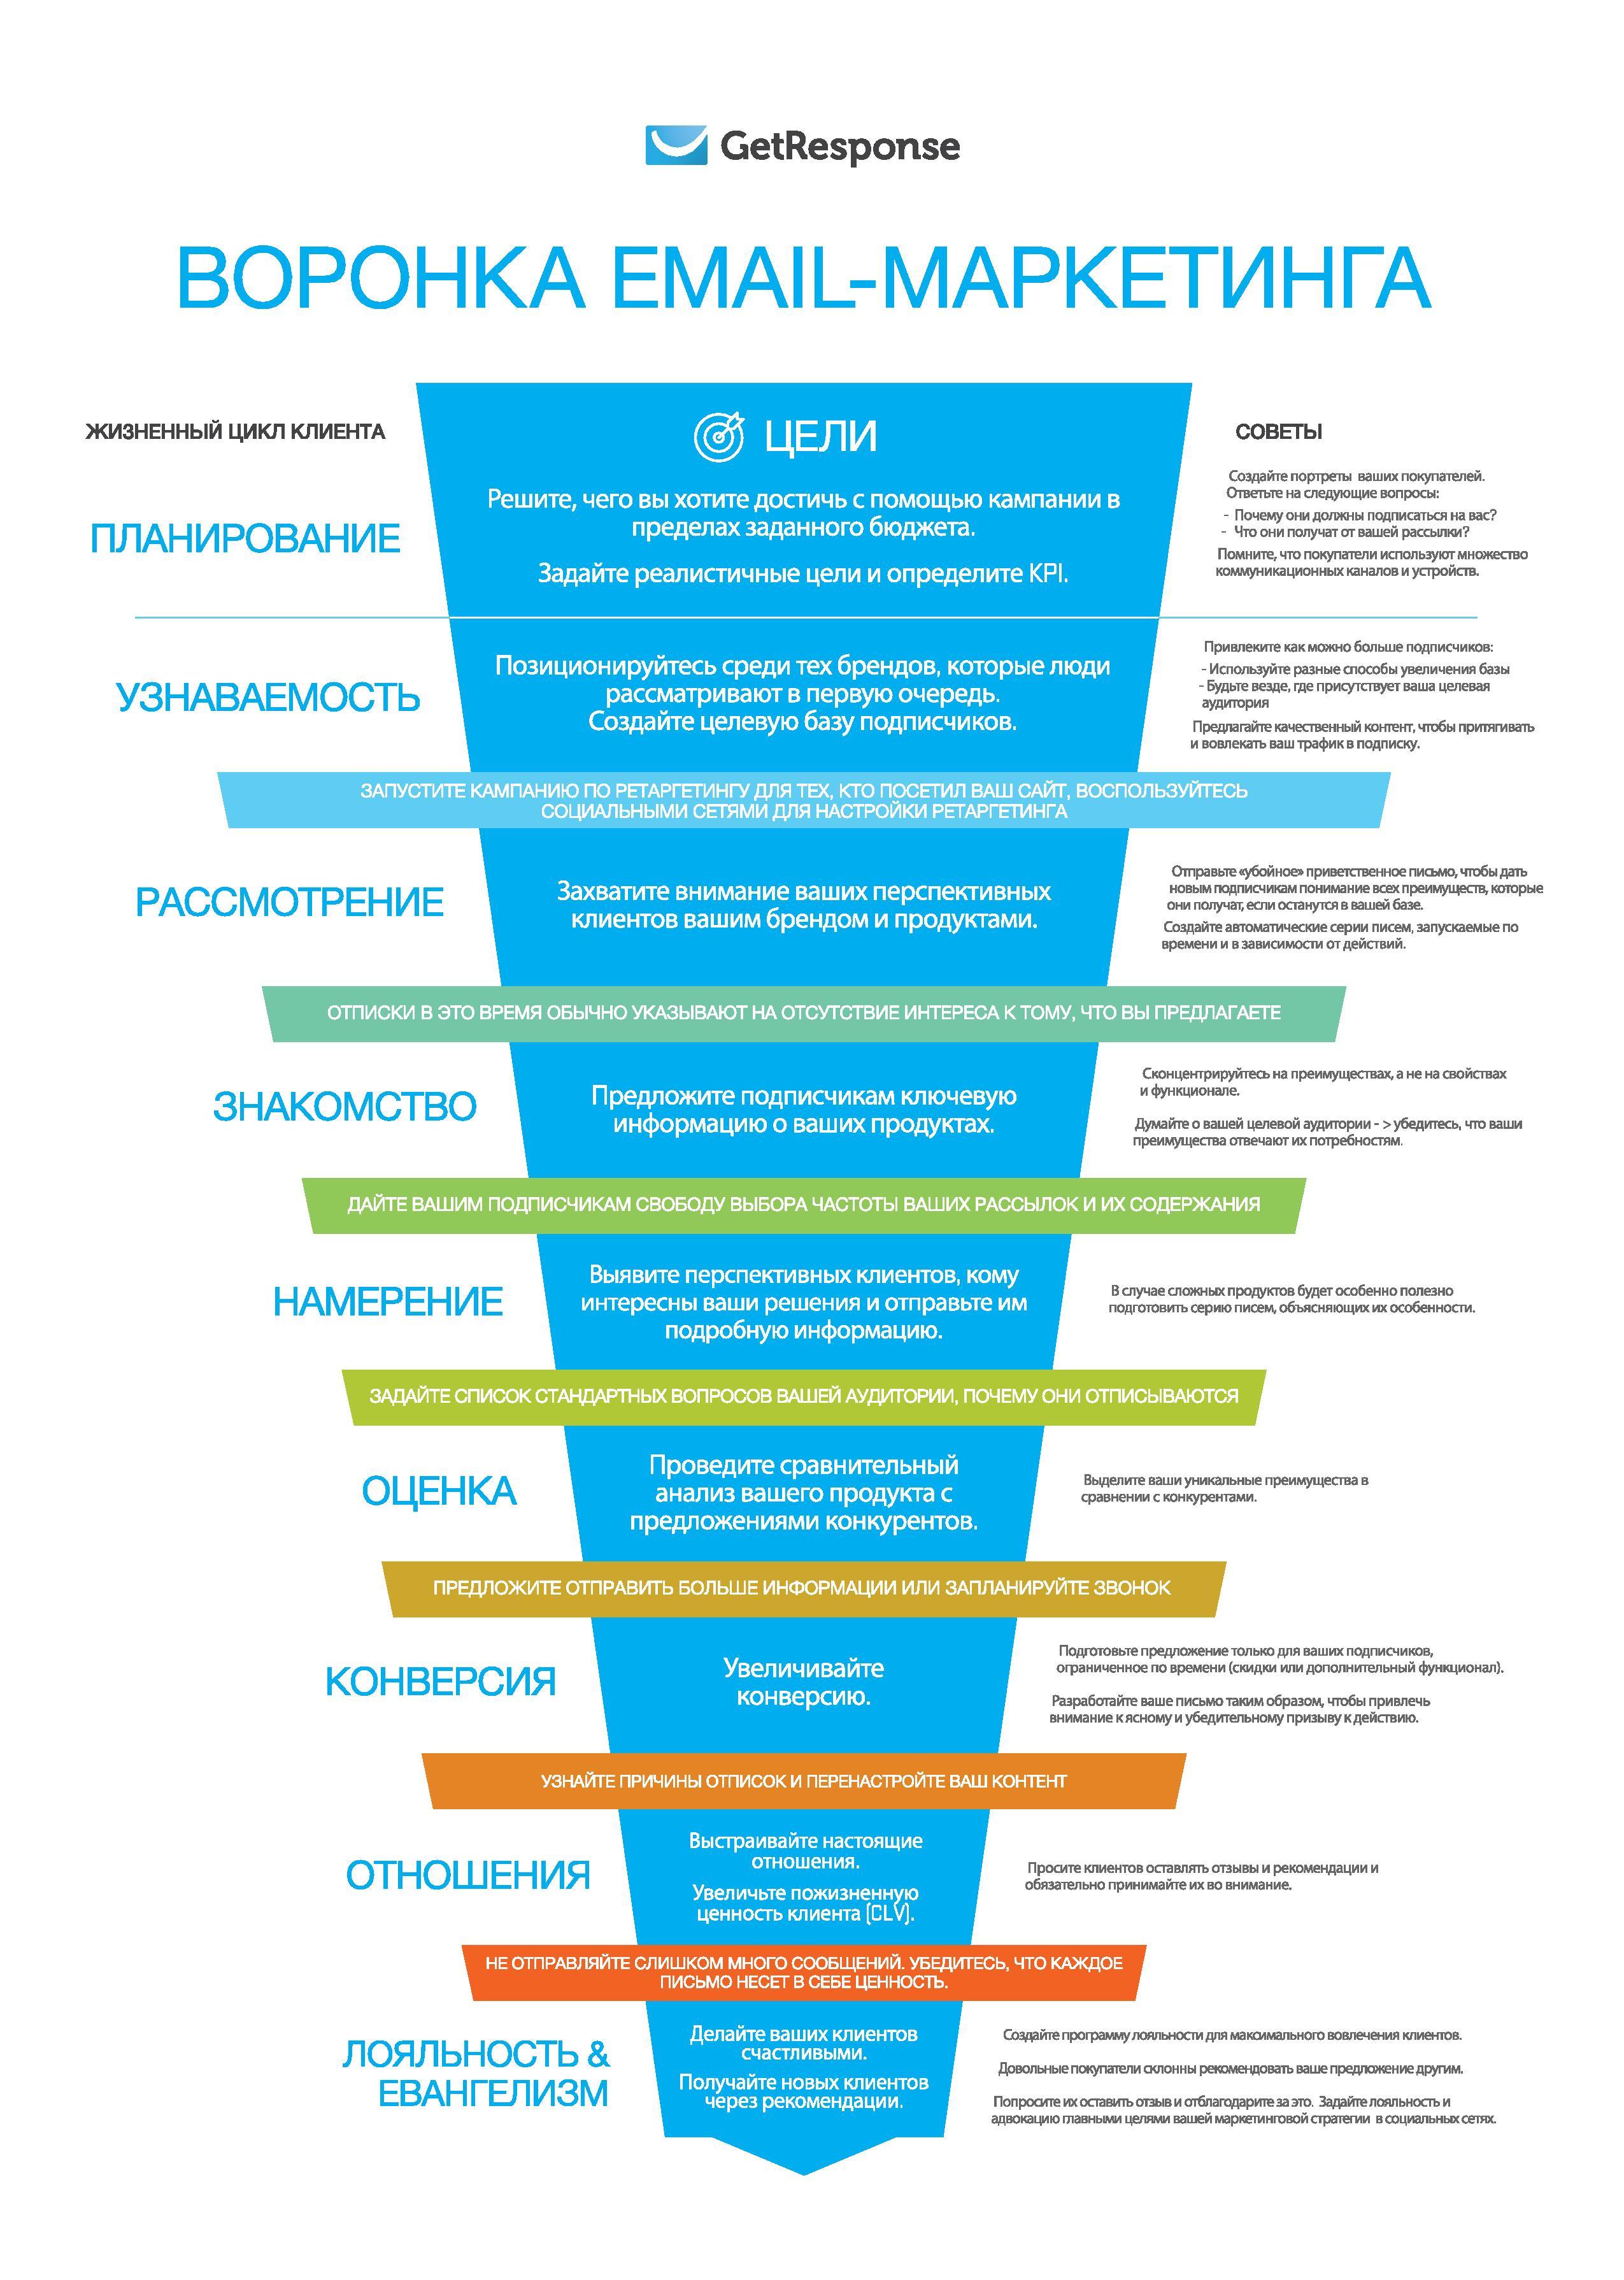 Инфографика, представляющая маркетинговую воронку, разработанная ГетРеспонс